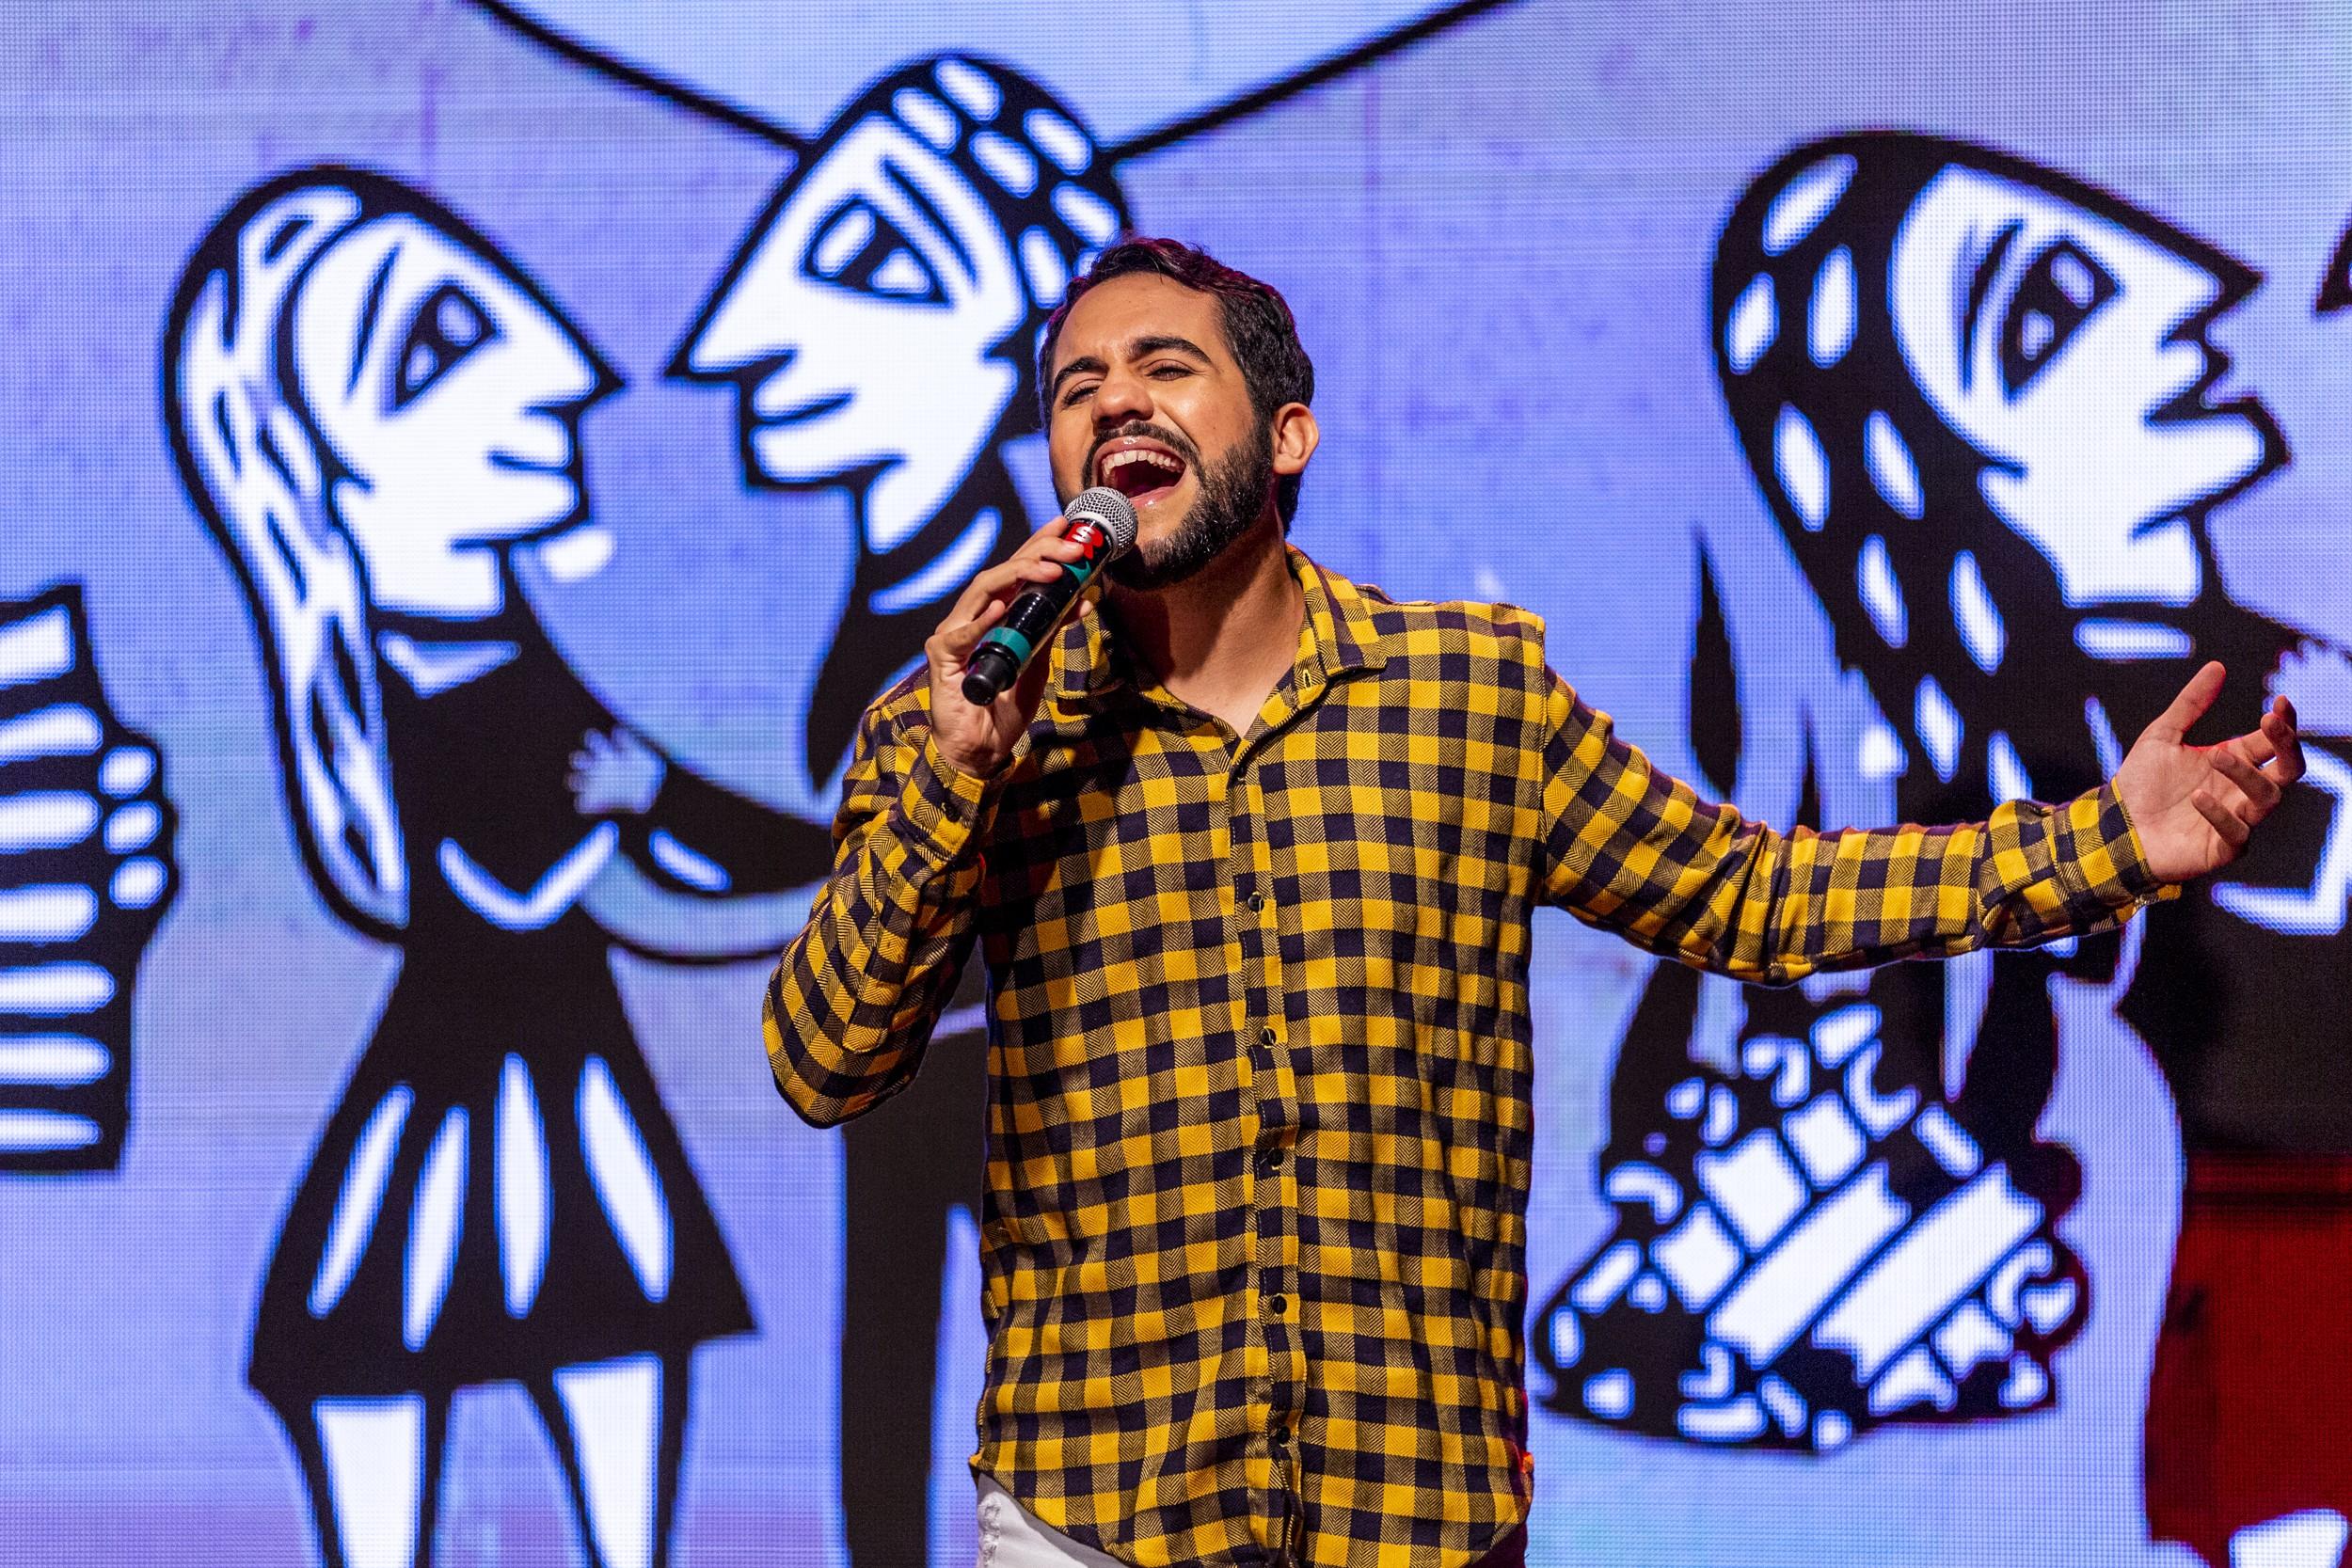 Bastidores do São João da Gente Sergipana revelam inventividade, tecnologia e poesia